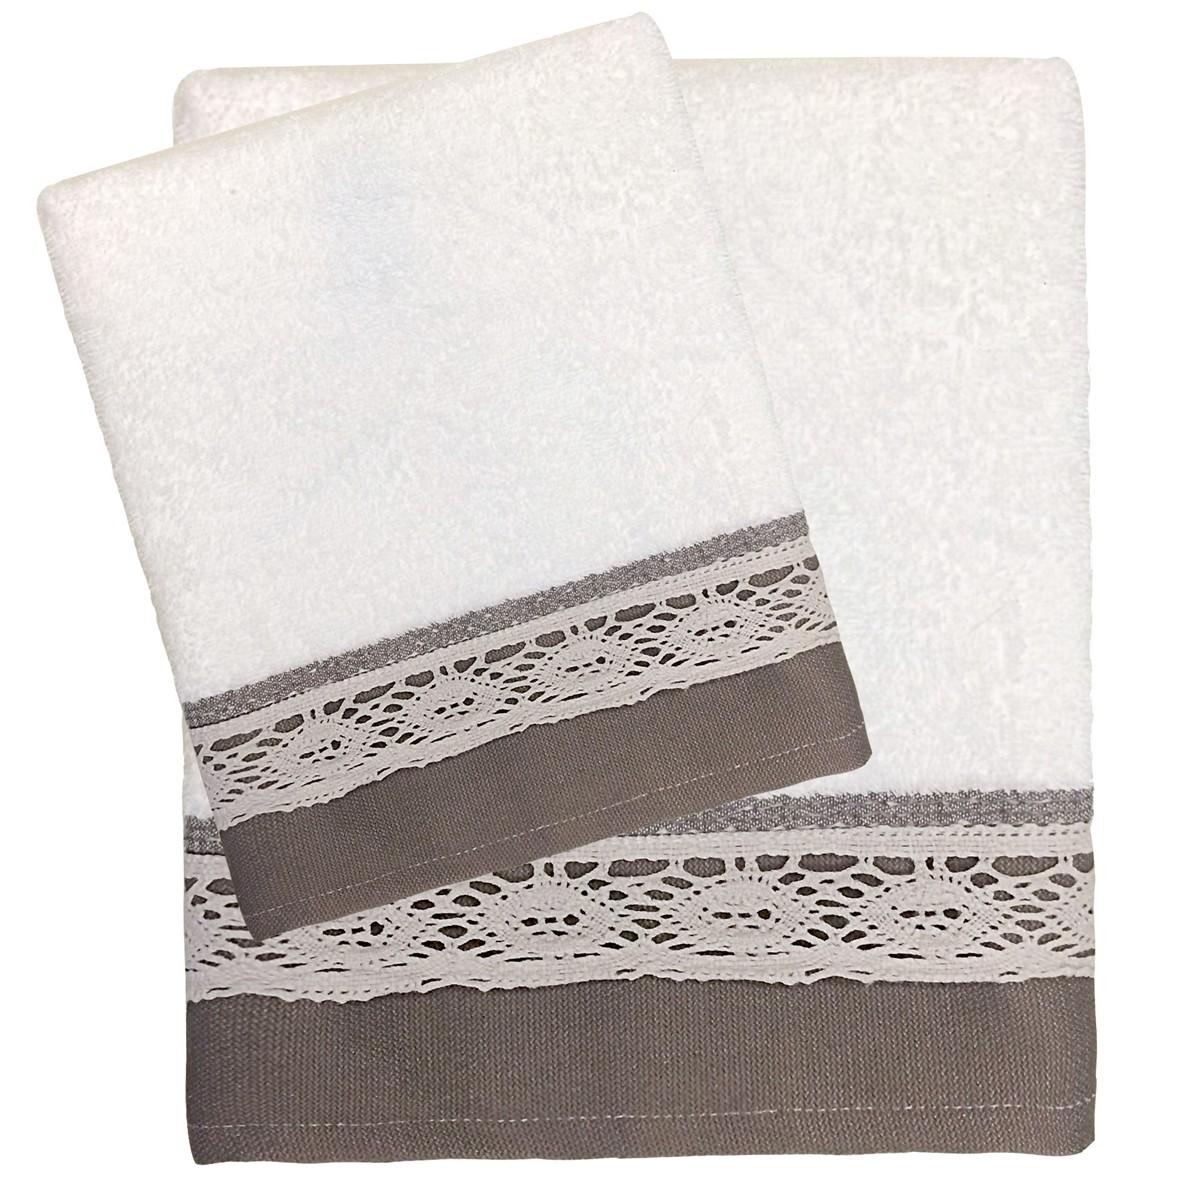 Πετσέτες Μπάνιου (Σετ 3τμχ) Das Home Happy Line 339